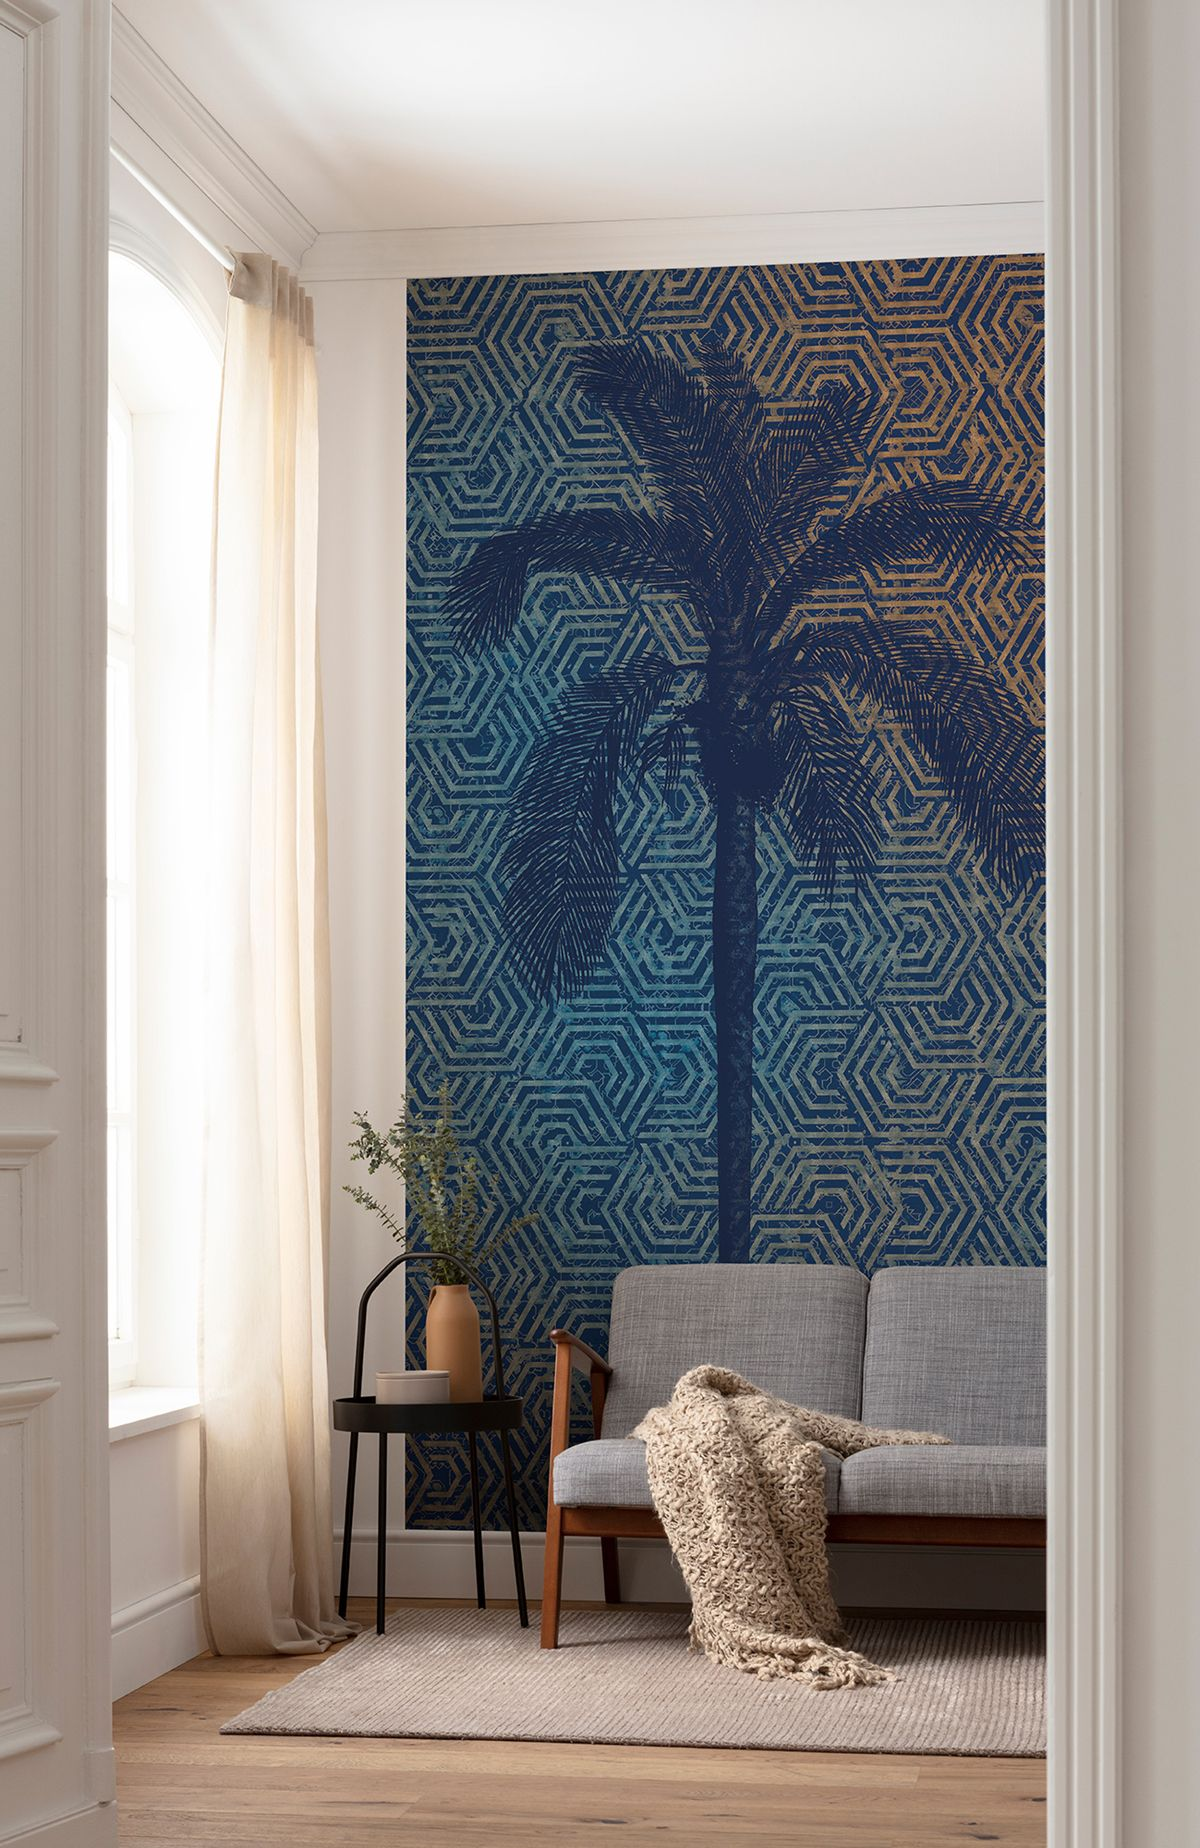 Papier Peint Motif Nature papier peint panoramique palmier silhouette - papier peint